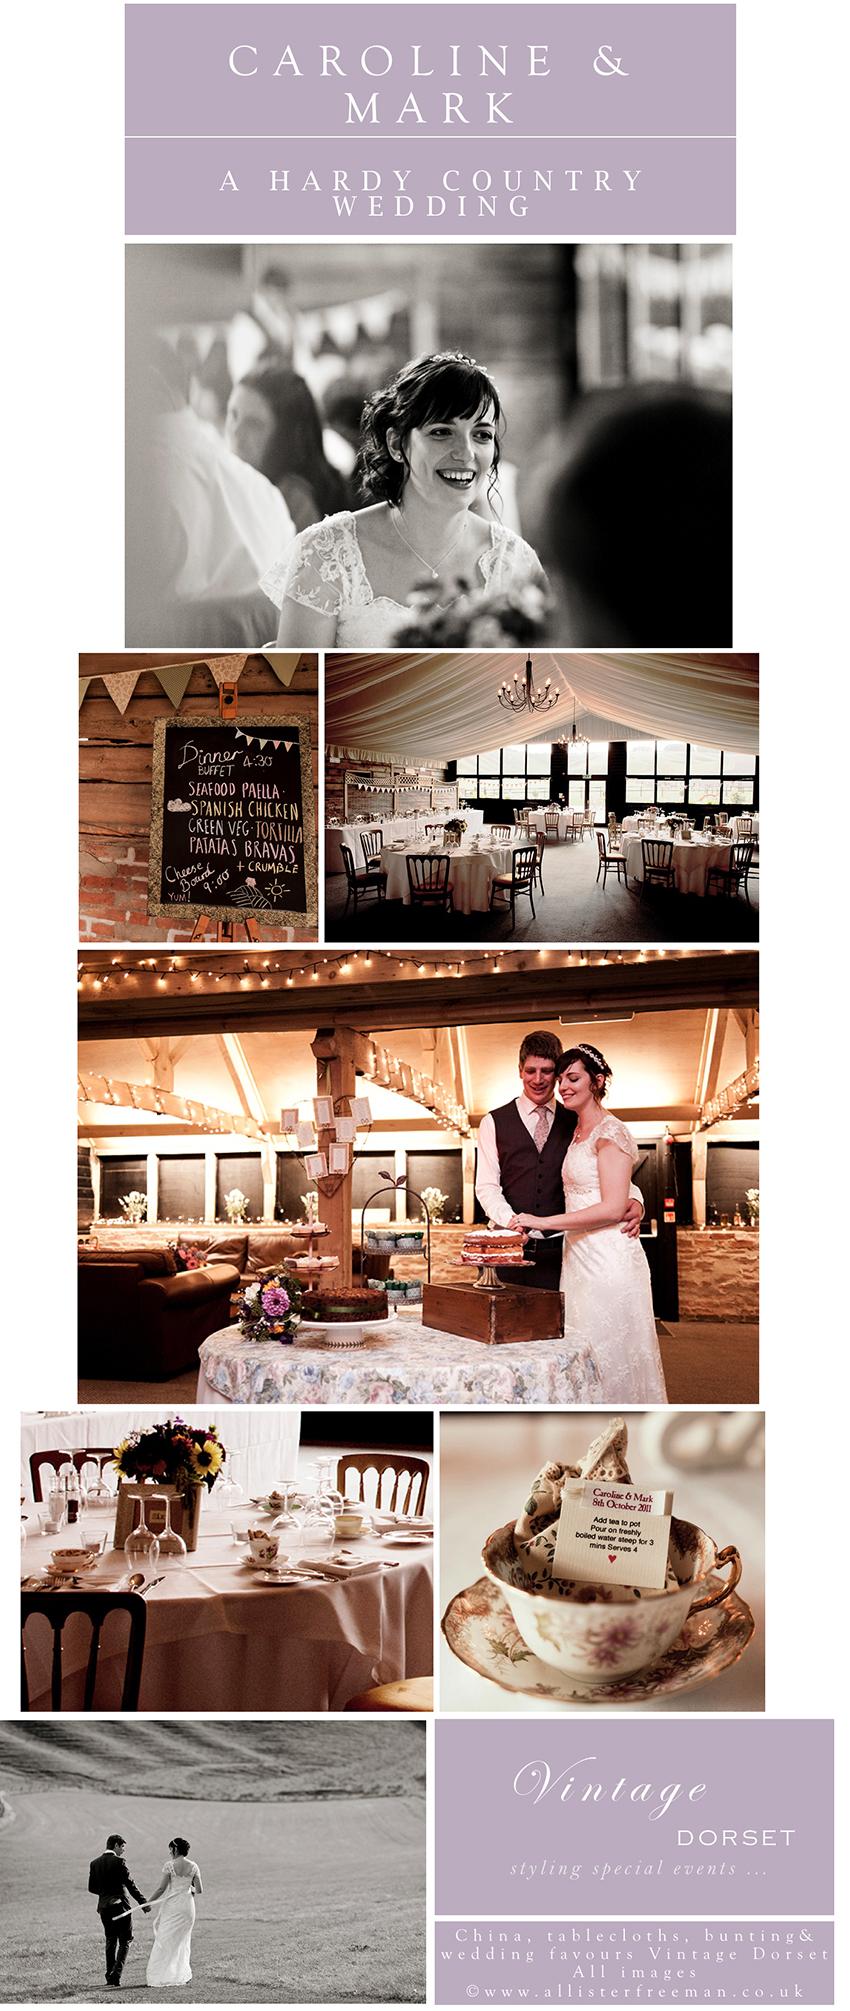 Hardy style wedding